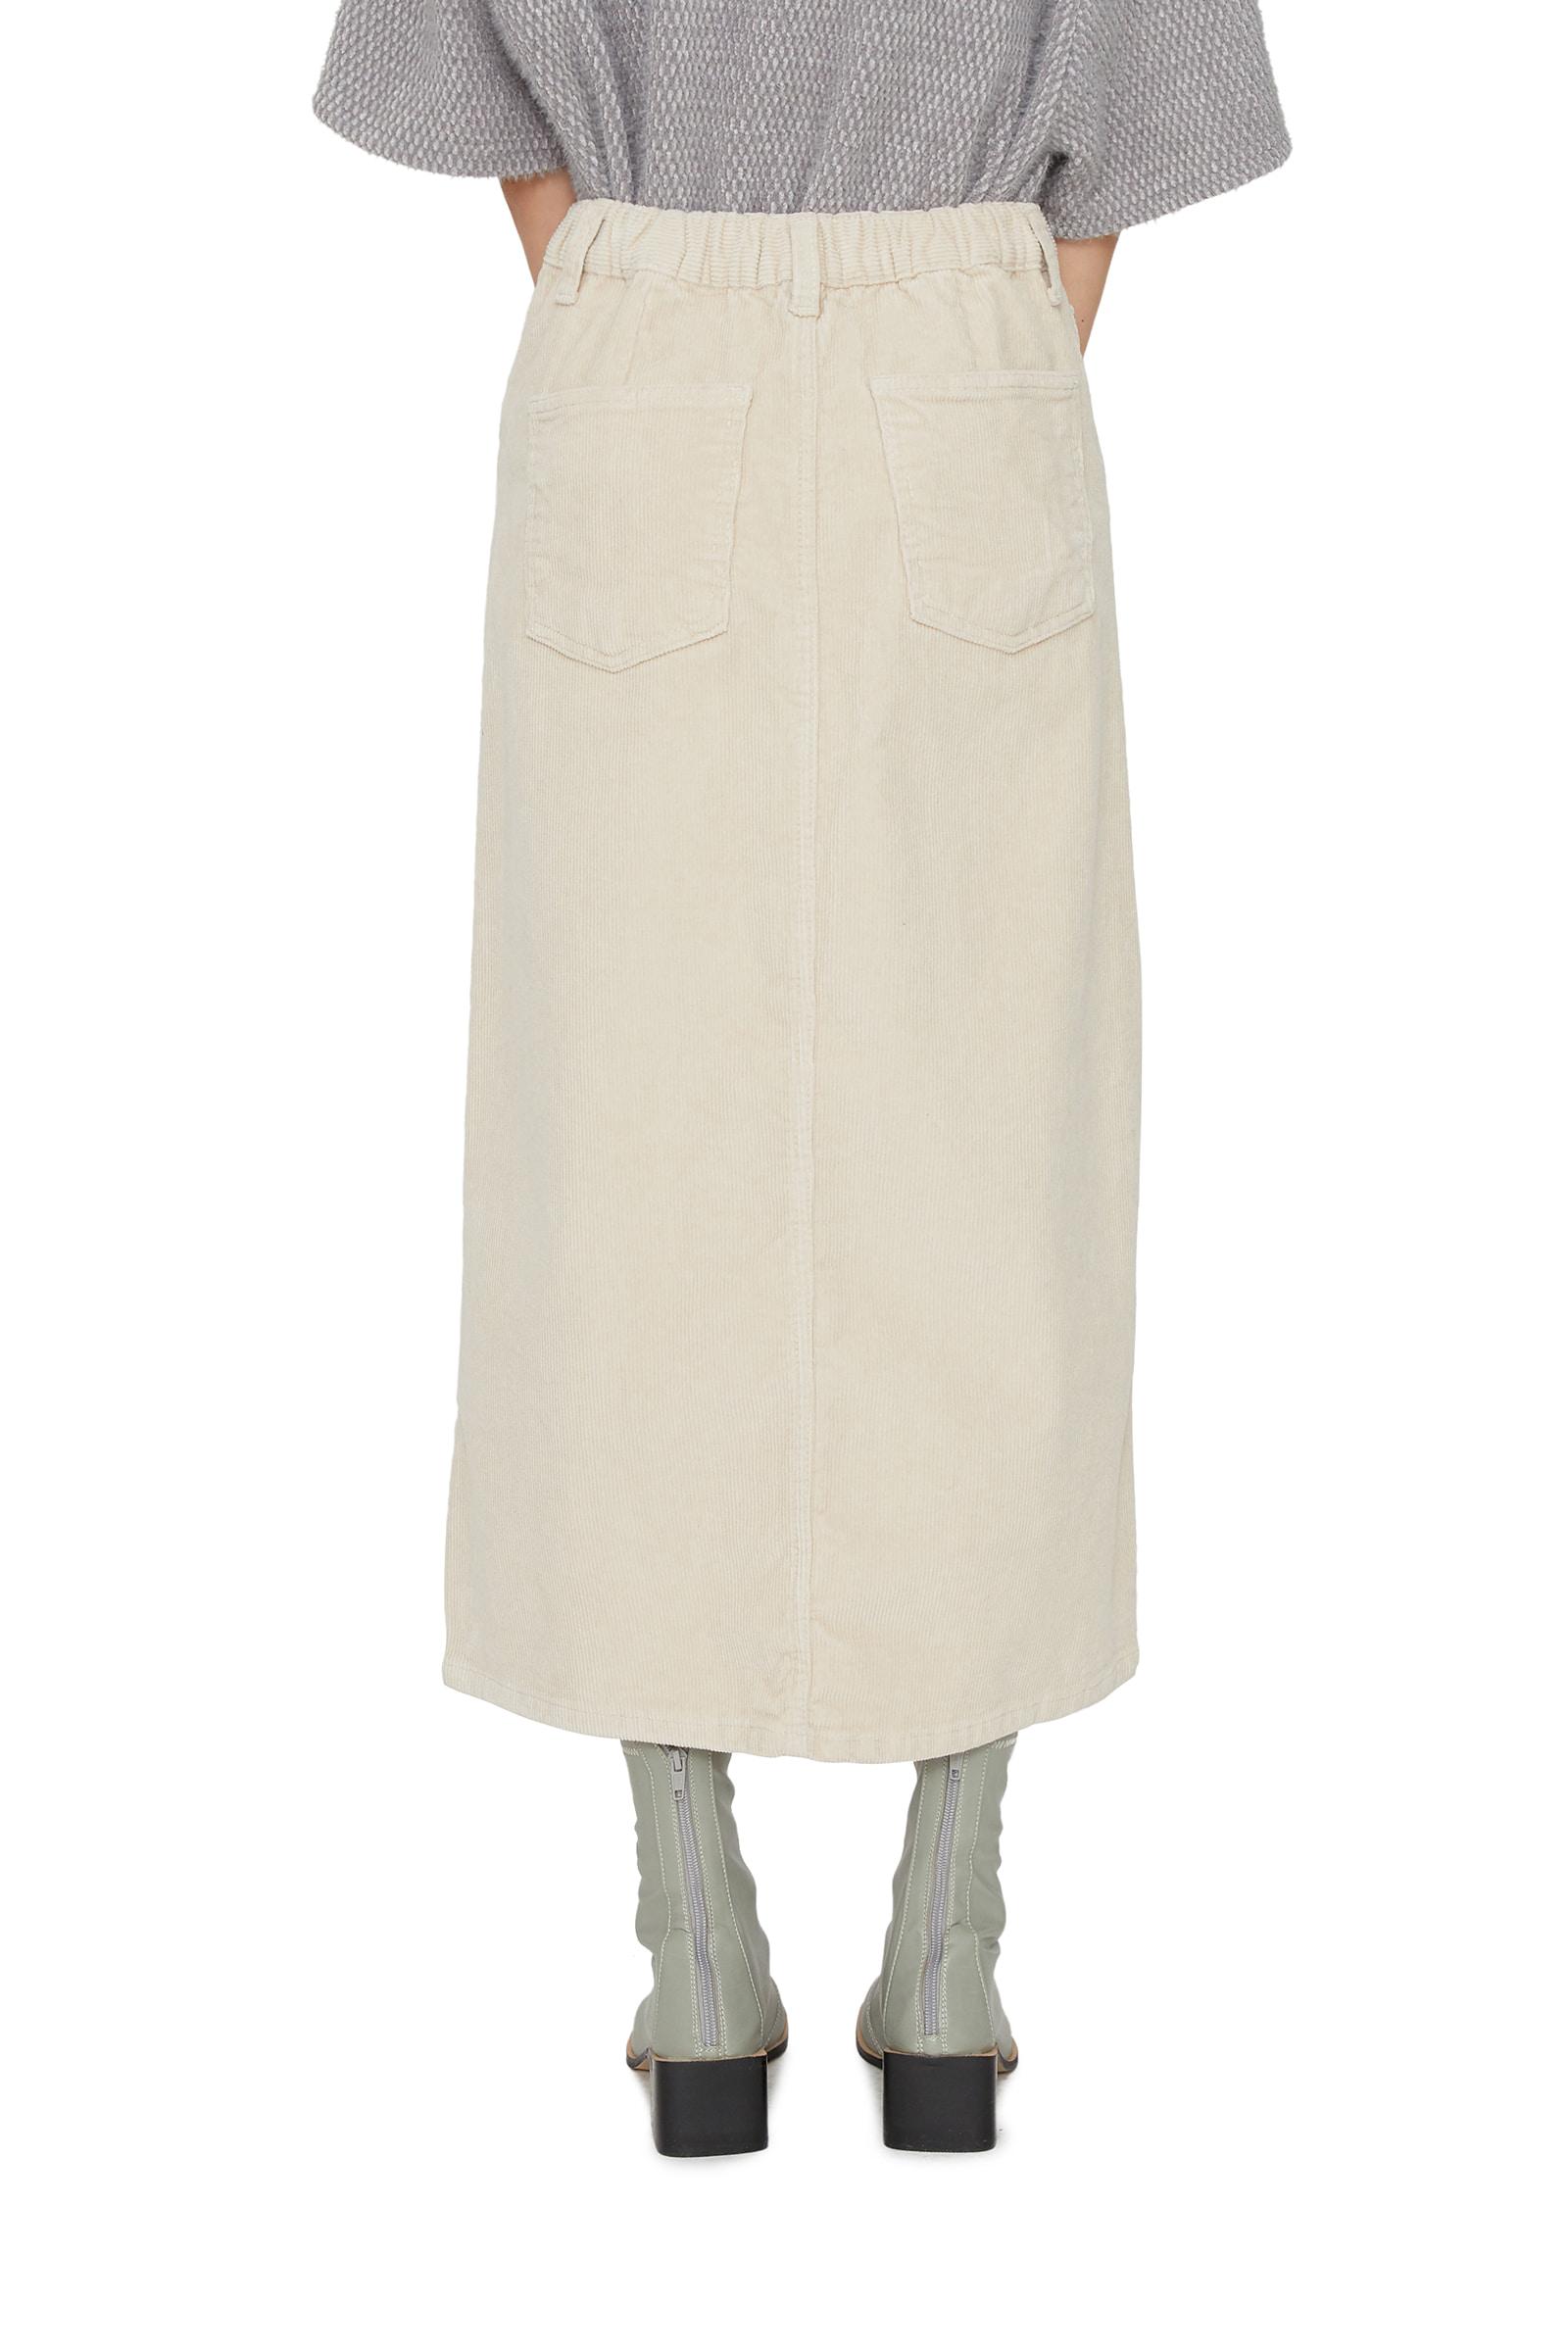 Thorpe corduroy maxi skirt